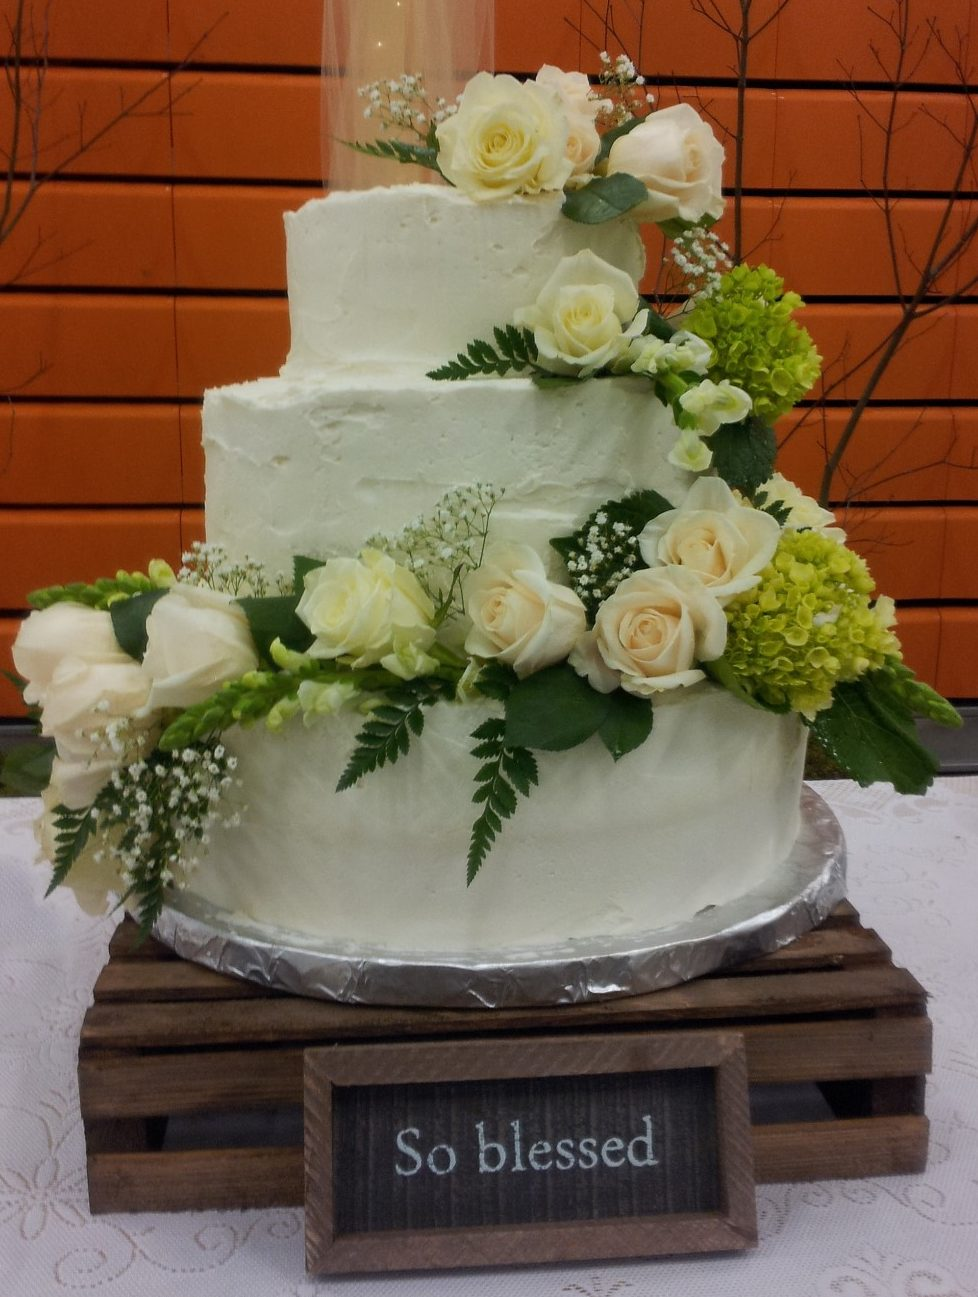 A Bella Cake